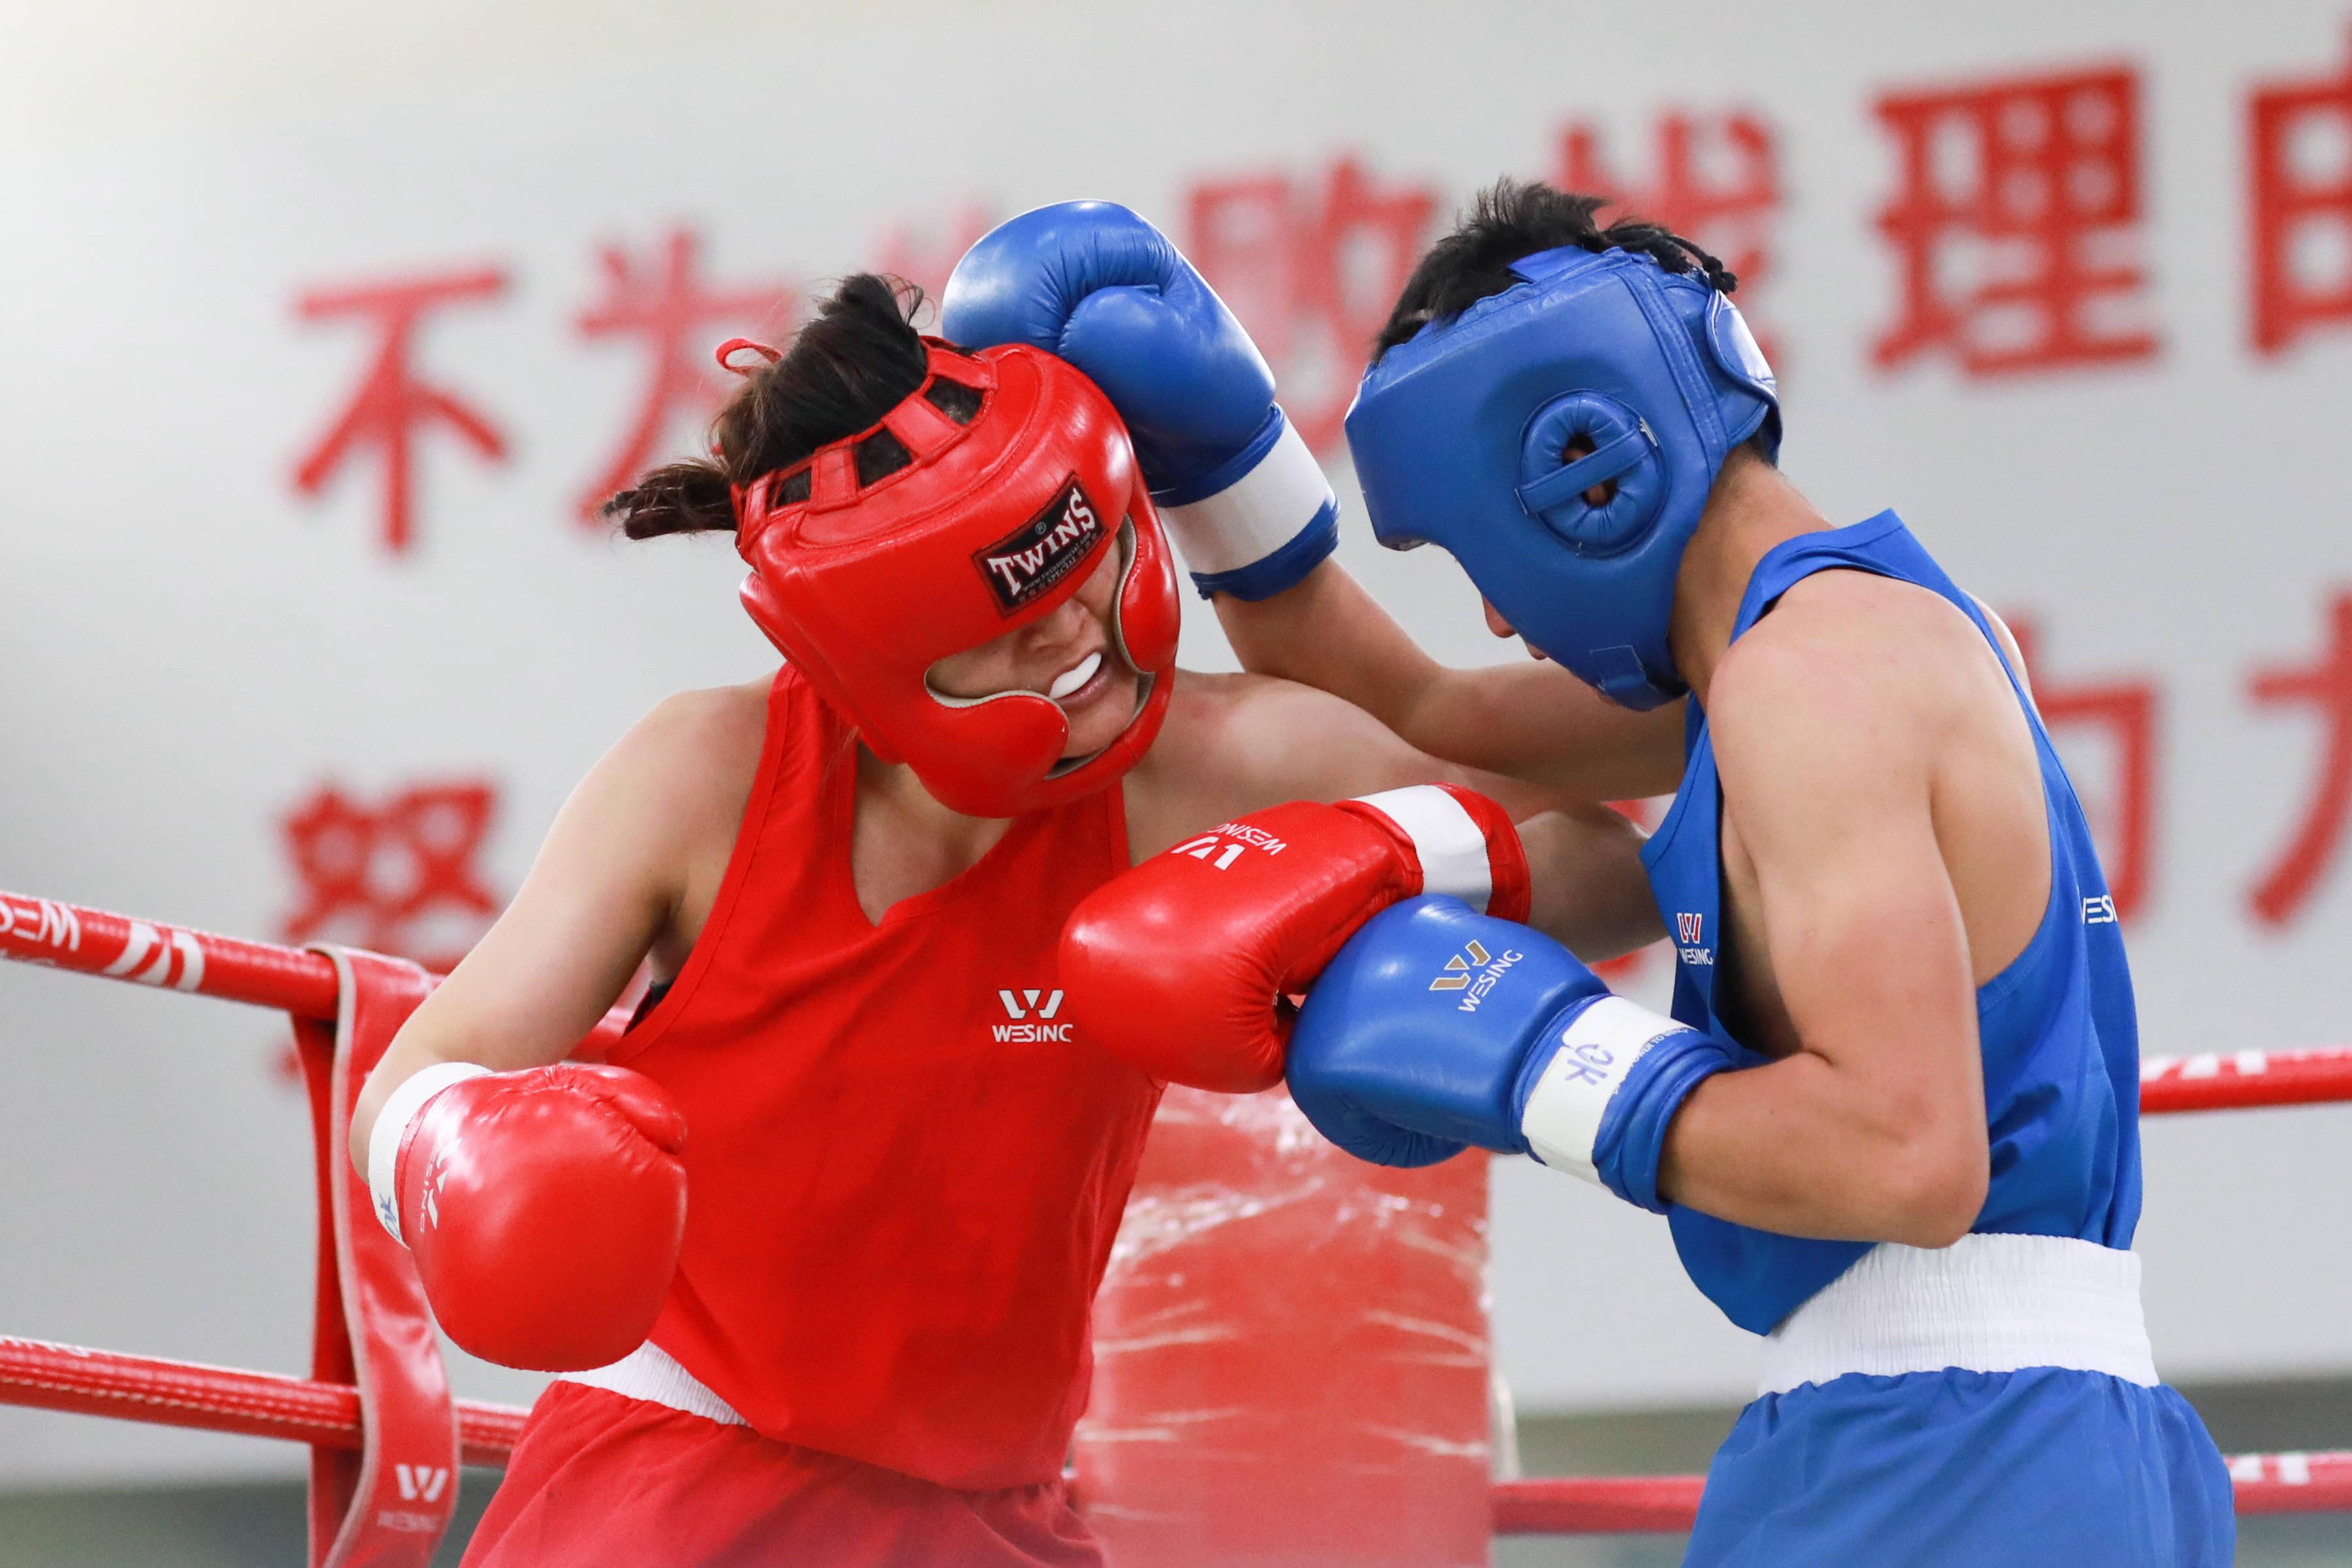 拳击——贵州省拳击队举办今年首场测试赛